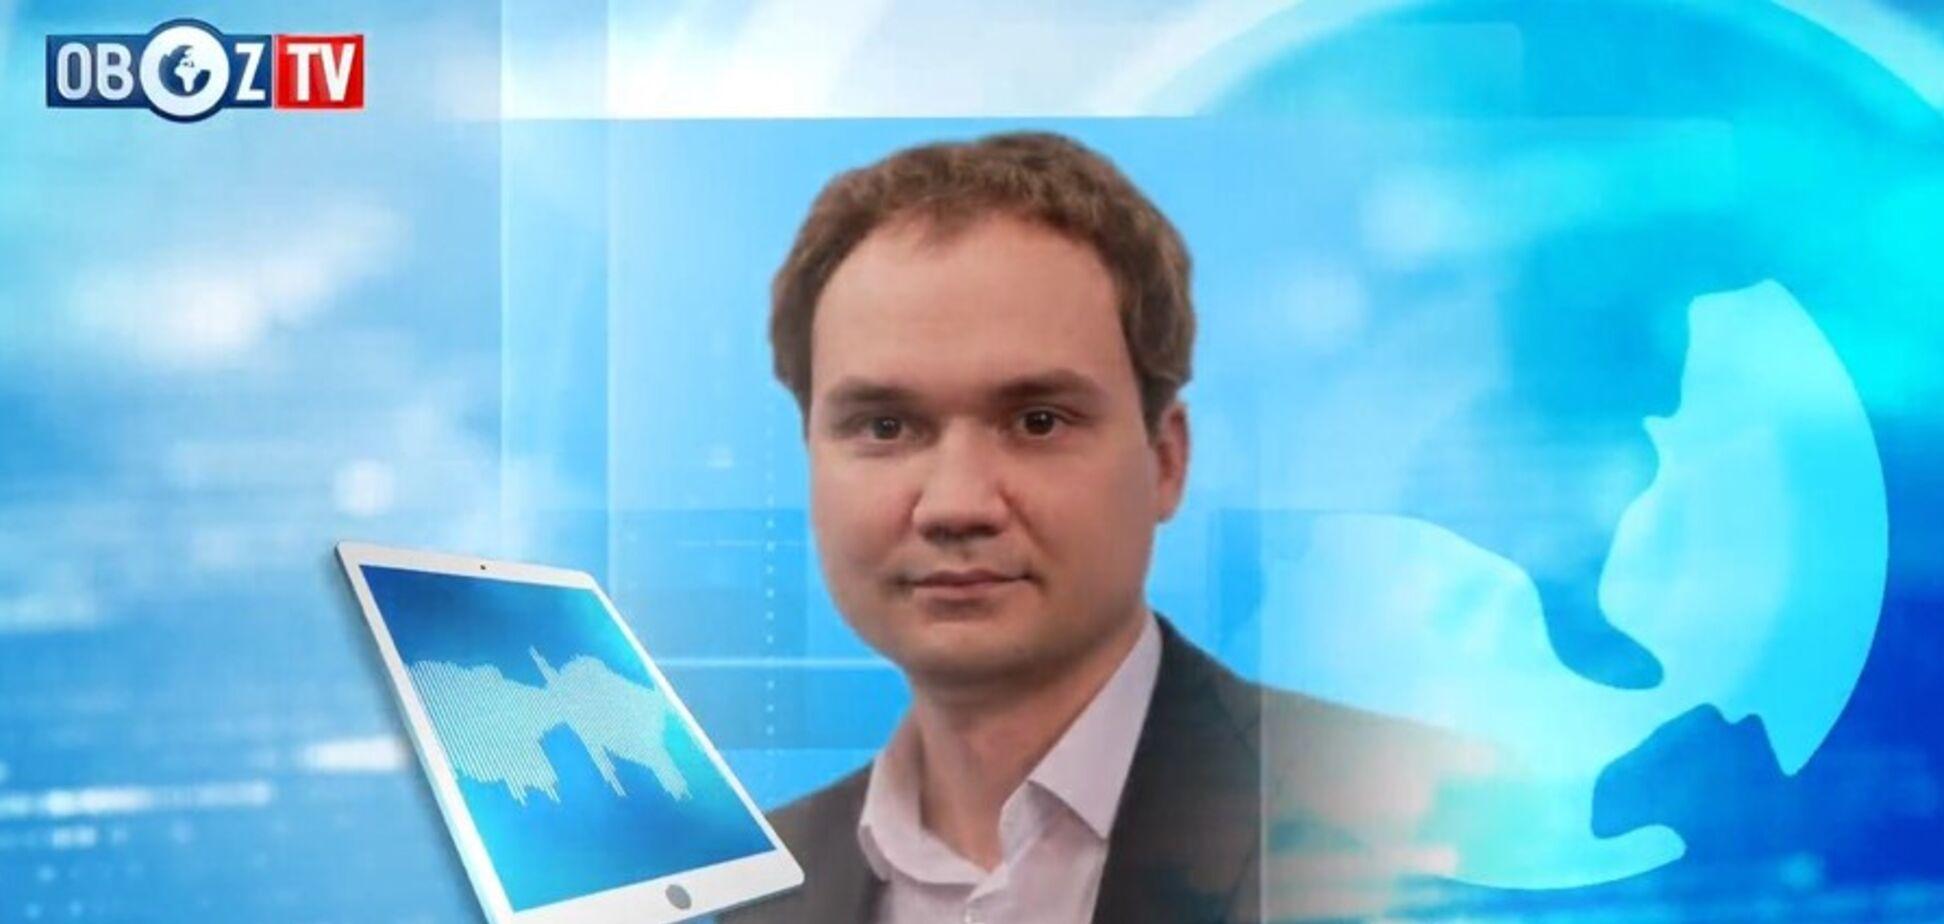 Премьер или генпрокурор: Мусиенко рассказал об амбициях Саакашвили